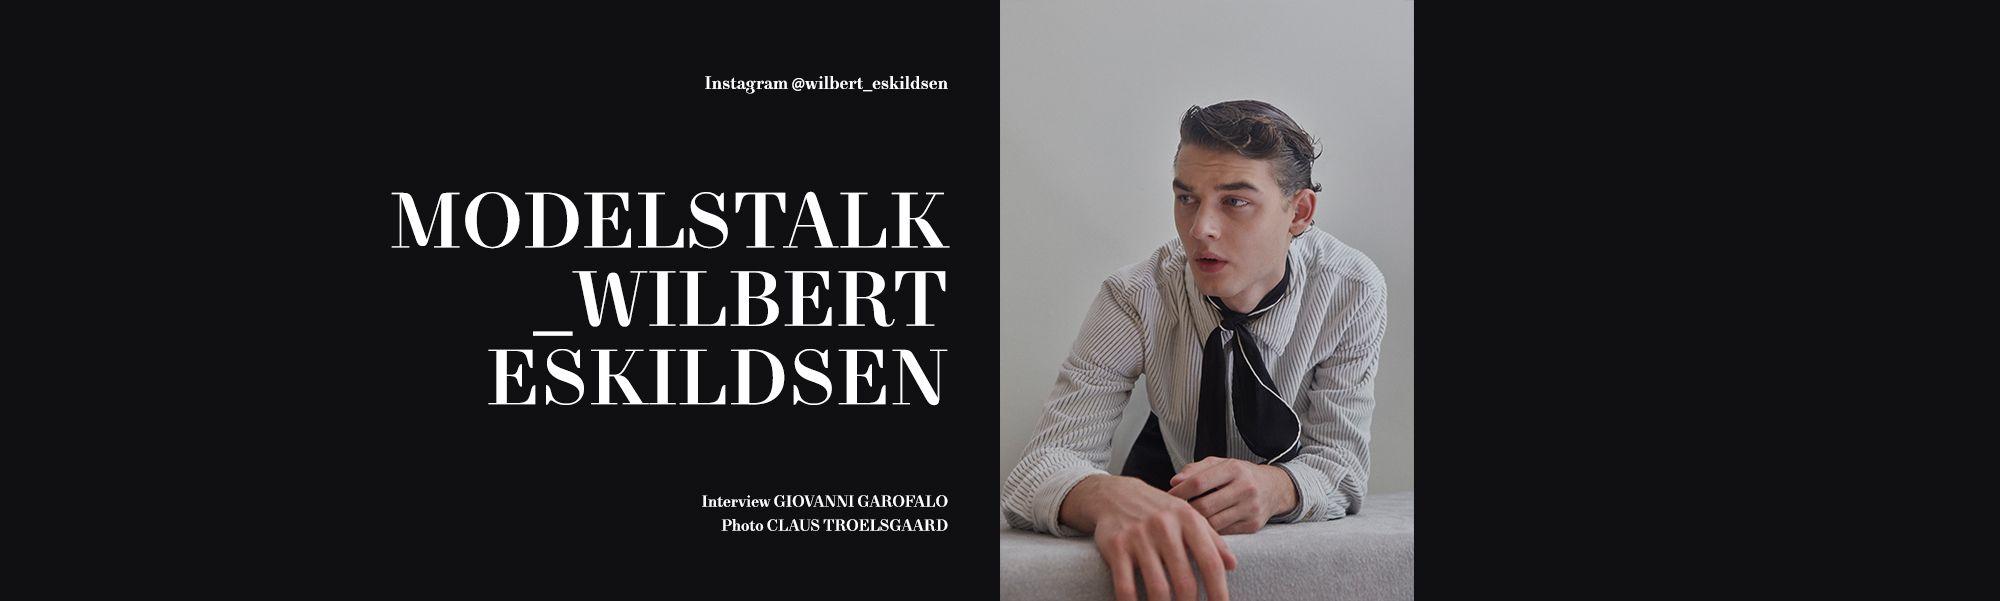 wilbert-eskildsen-thegreatestmagazine-talkingheads-banner